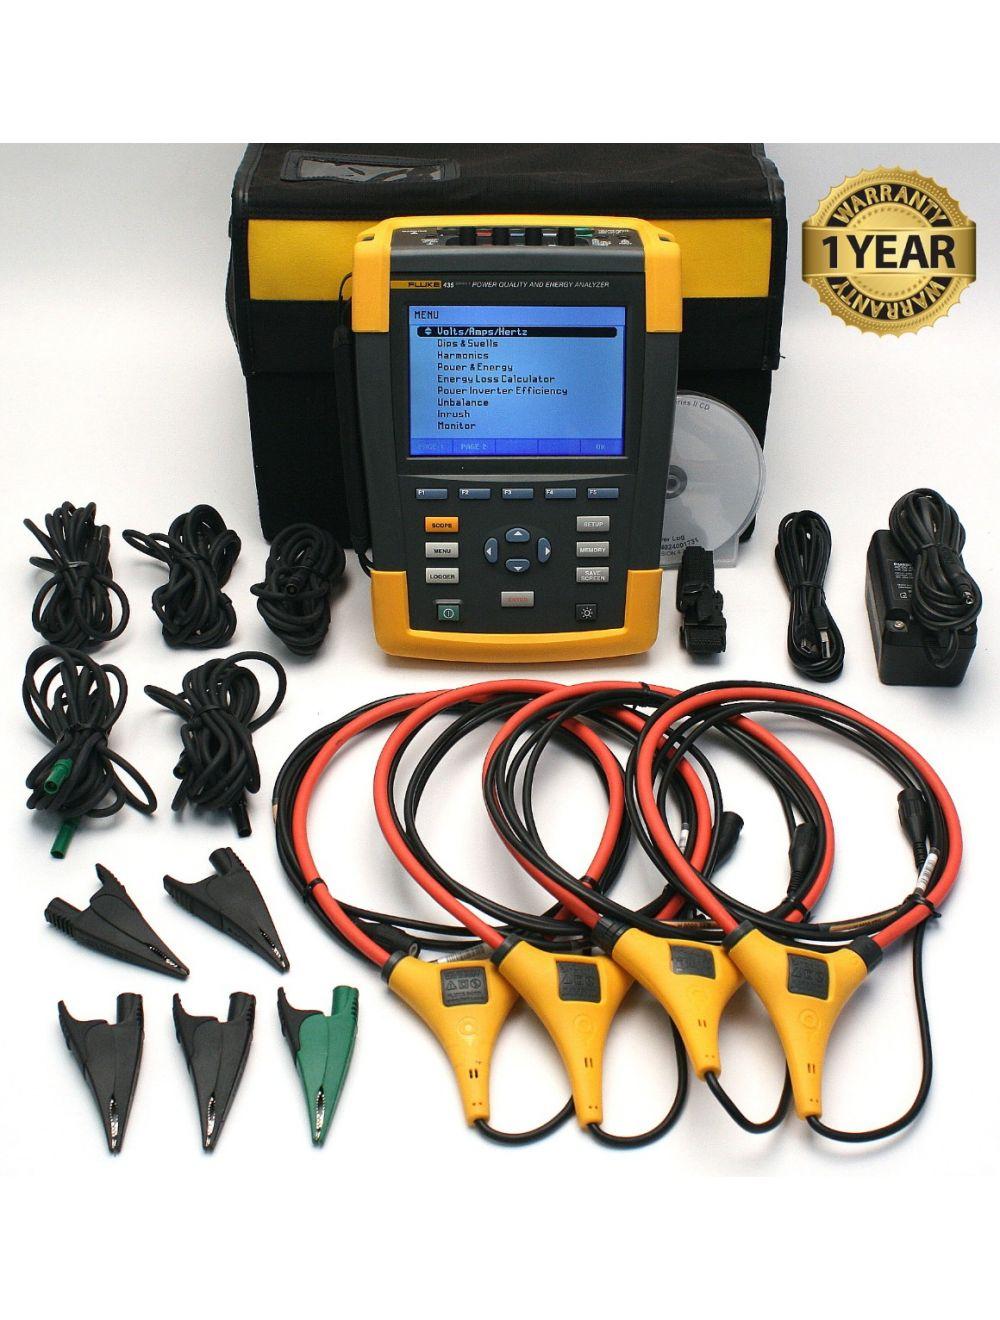 Fluke 435 Series II Power Quality Analyzer Meter